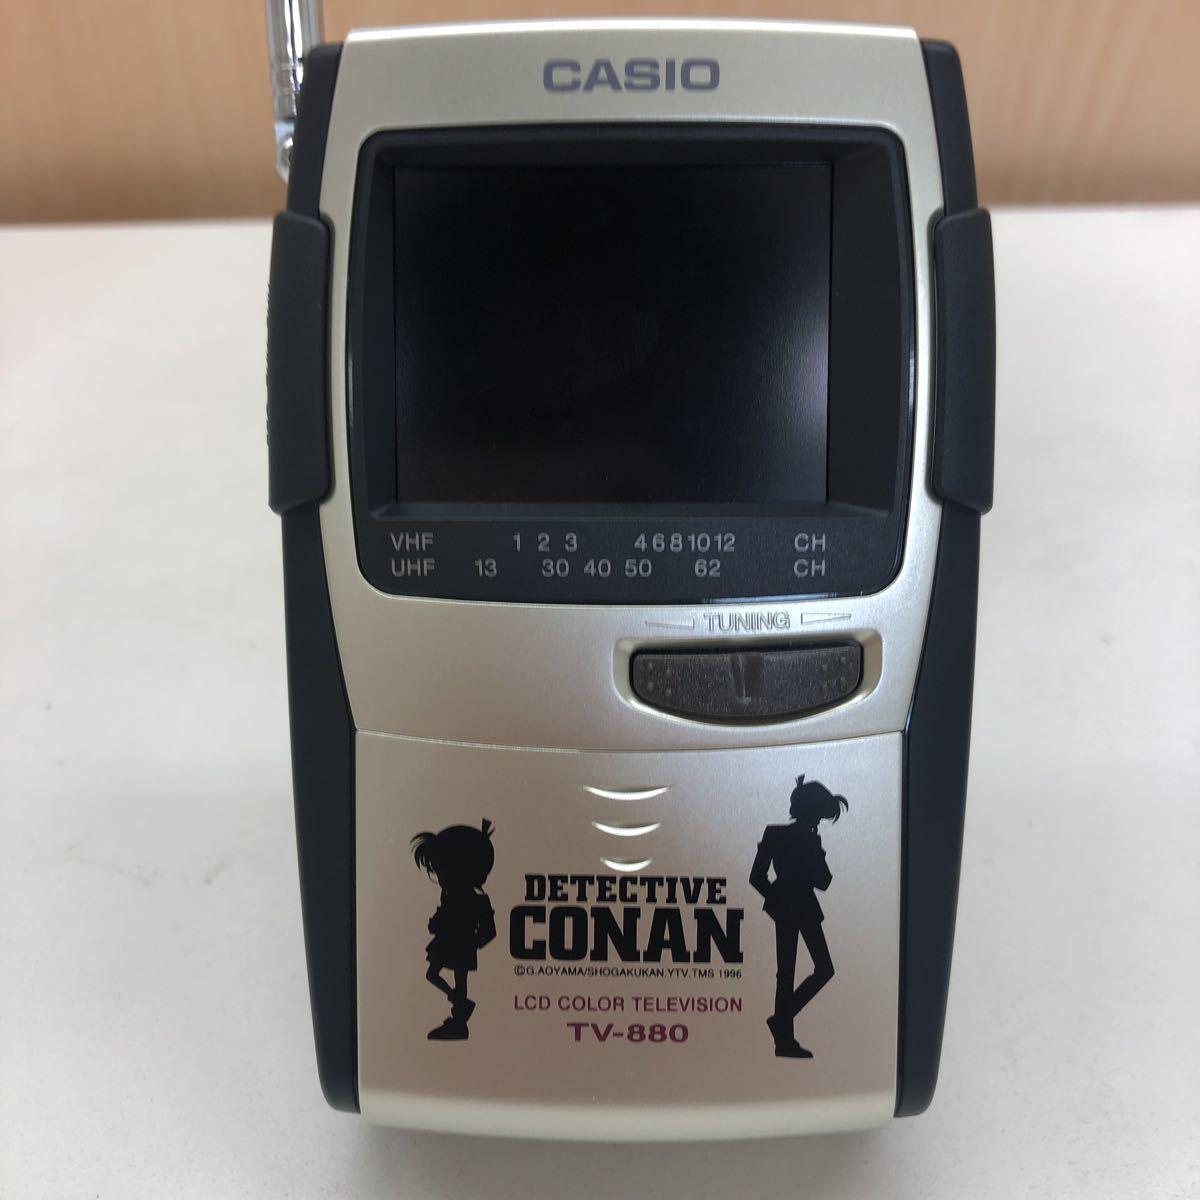 【通電確認美品】CASIO TV-880 ポータブル液晶 カラーテレビ 名探偵コナン バージョン 非売品_画像2